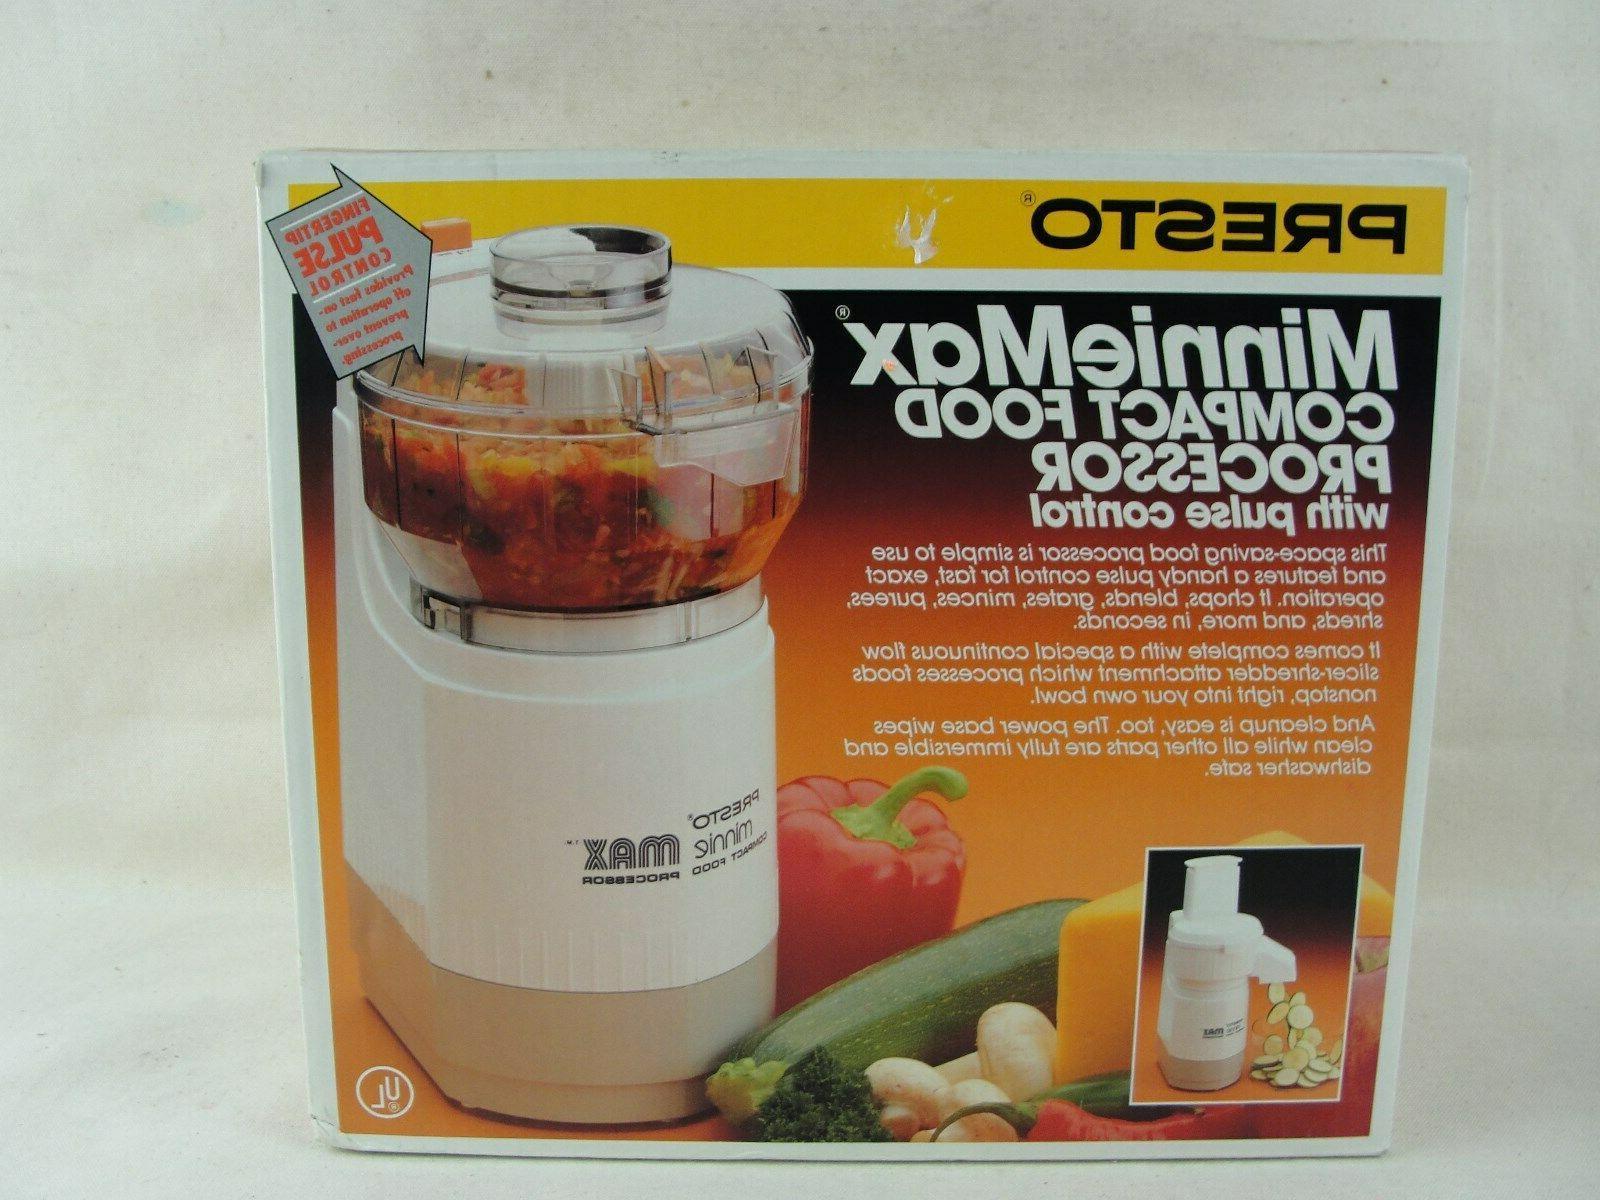 02900 minnie max compact food processor new